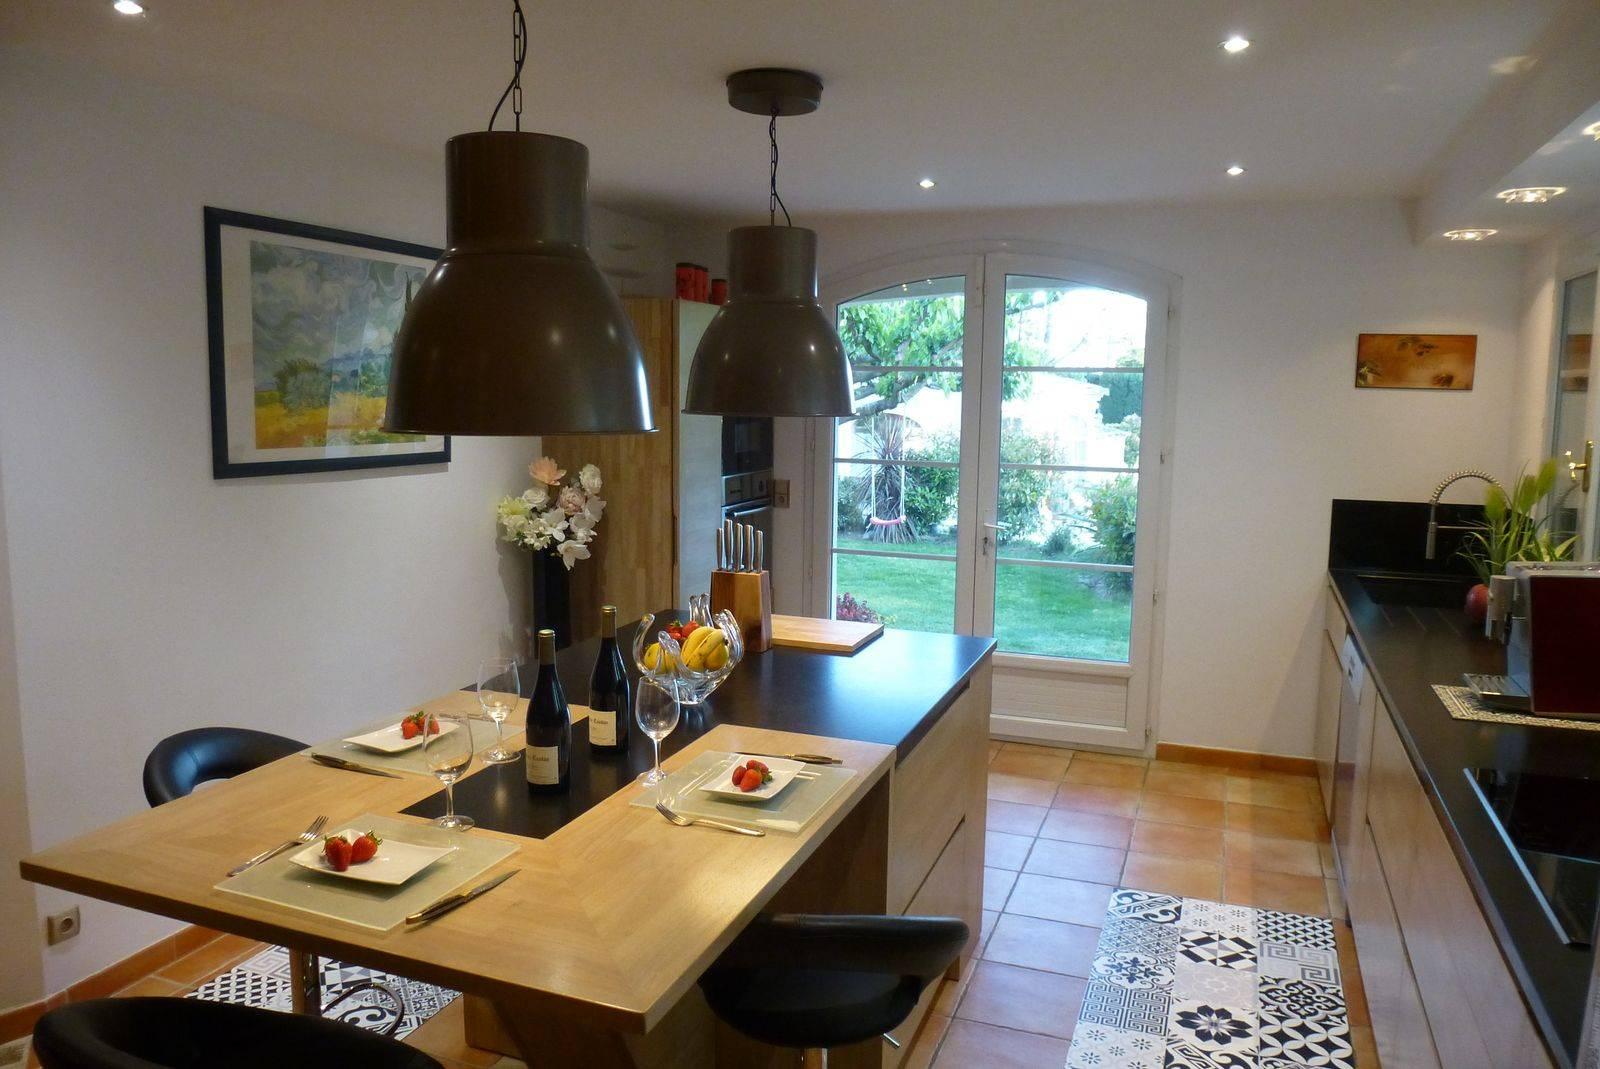 cuisine contemporaine en bois naturel r alis e paradou atelier bois deco. Black Bedroom Furniture Sets. Home Design Ideas